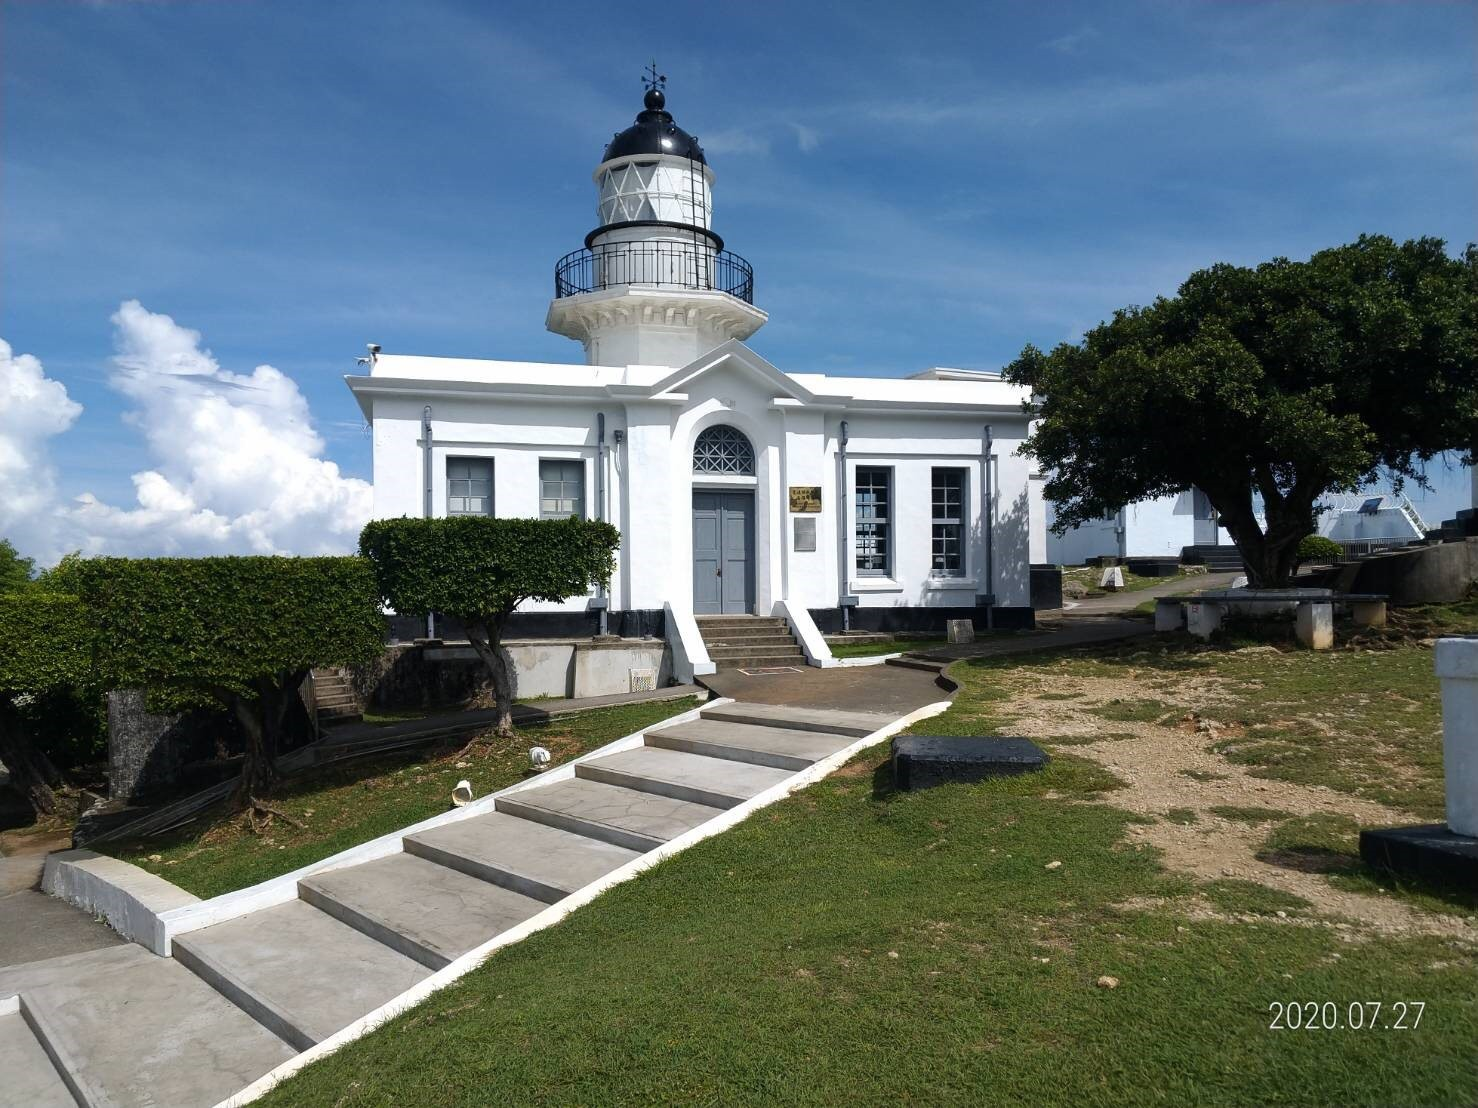 南台灣旅遊新亮點!高雄燈塔重新開放 體驗「船隻入港」震撼感